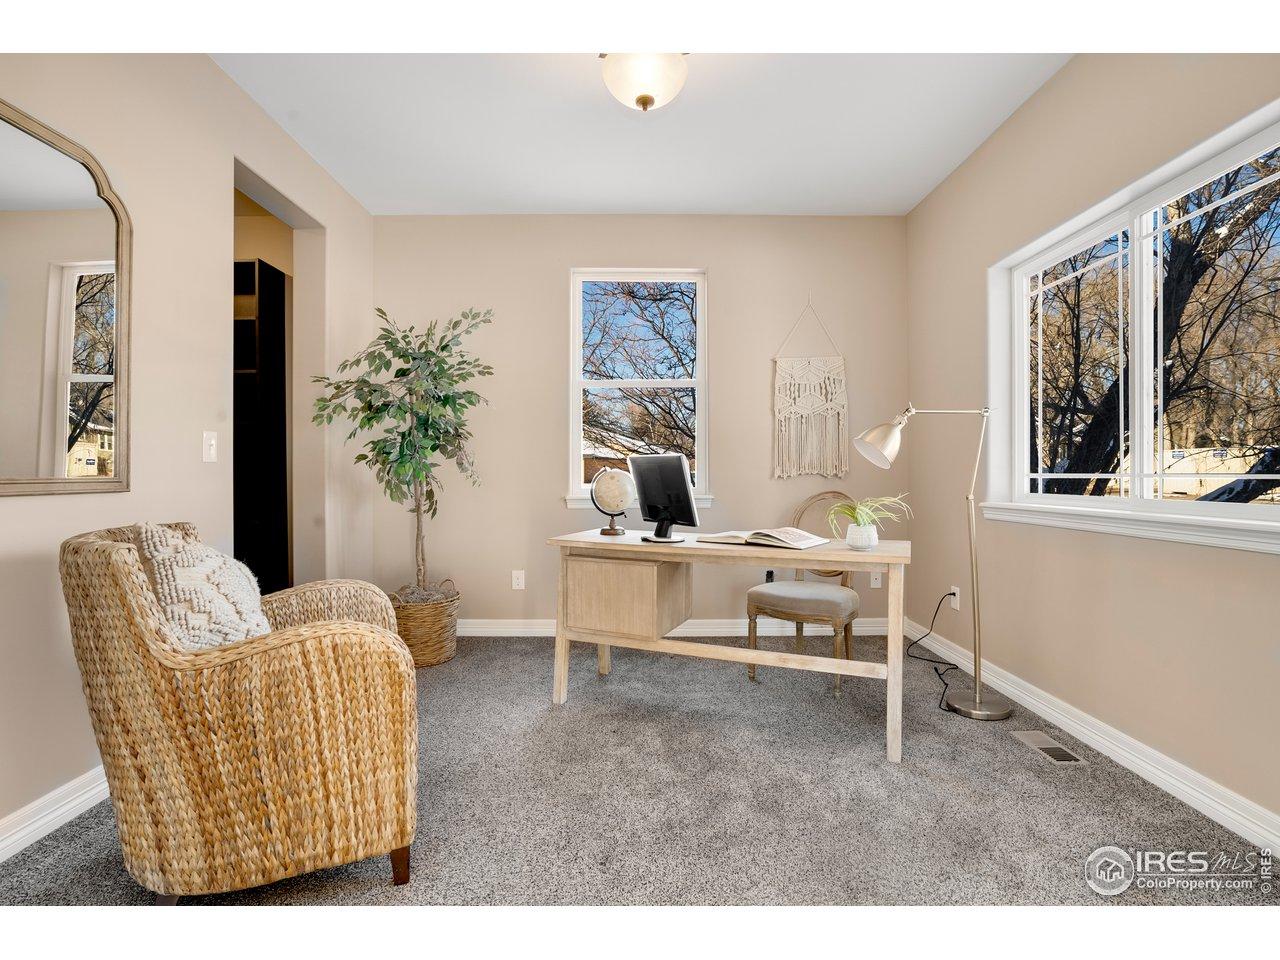 Study/Den or Conforming bedroom